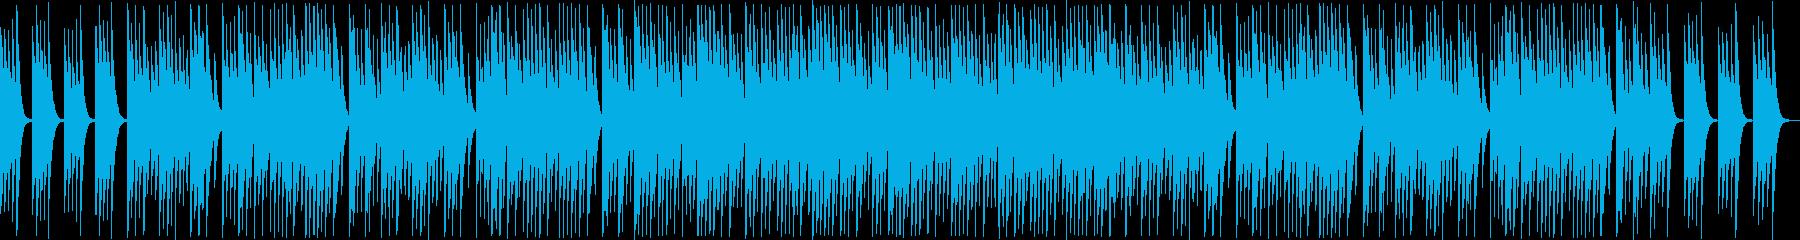 ファンタジーなシンセ・オルゴール系曲の再生済みの波形